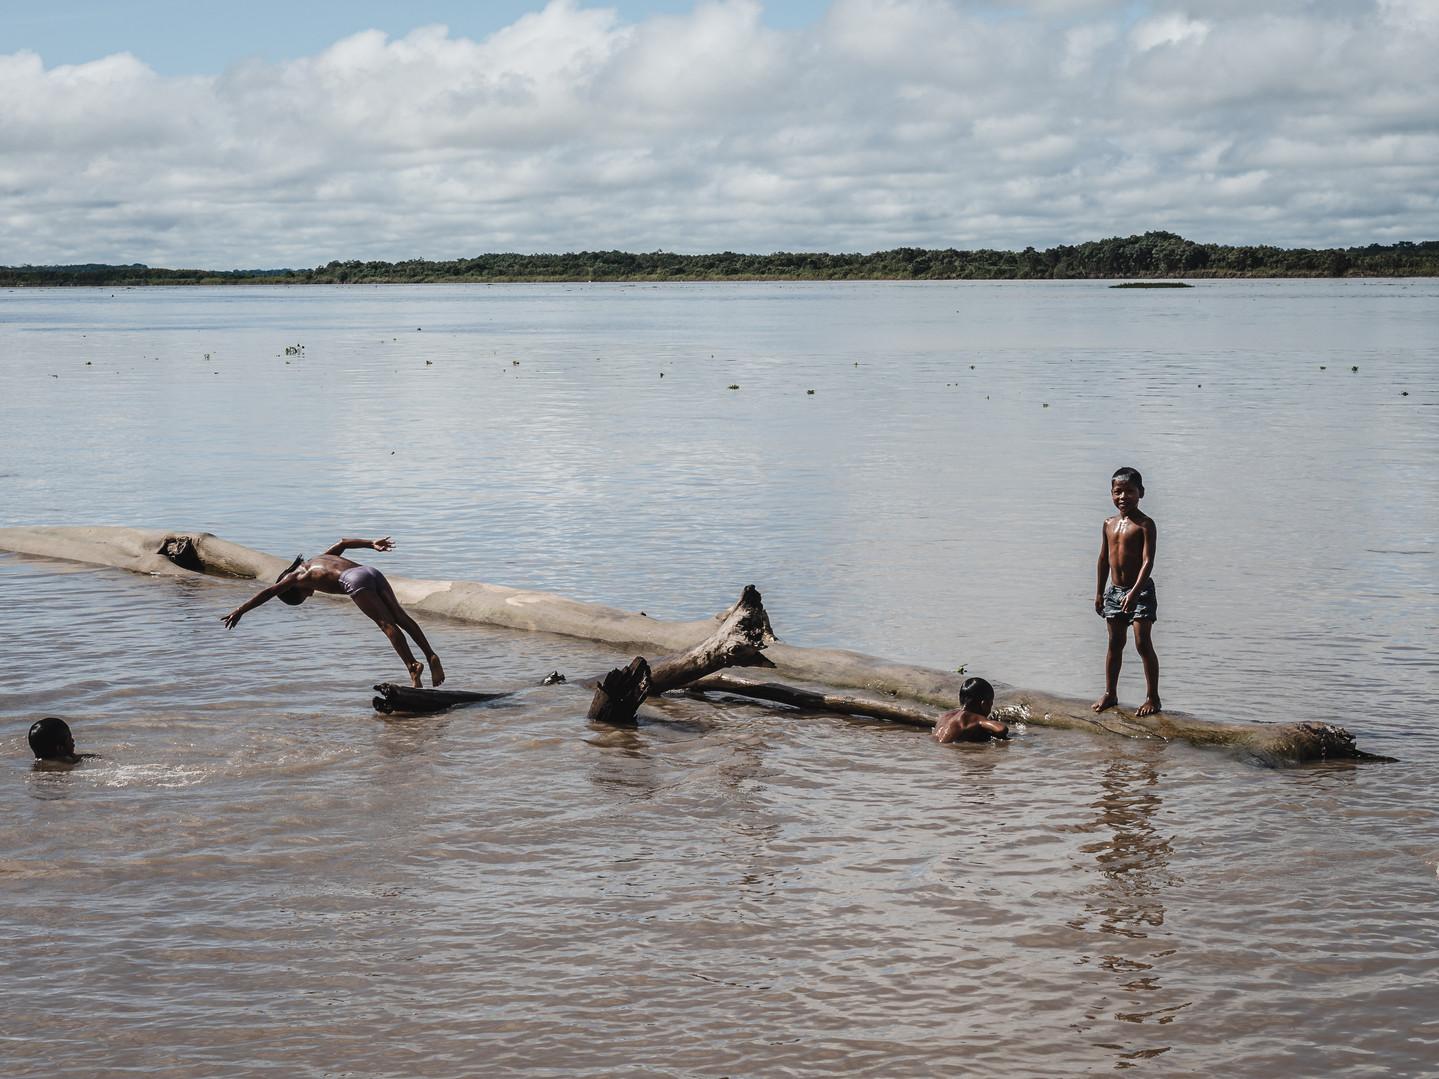 Fun Times in the Amazon